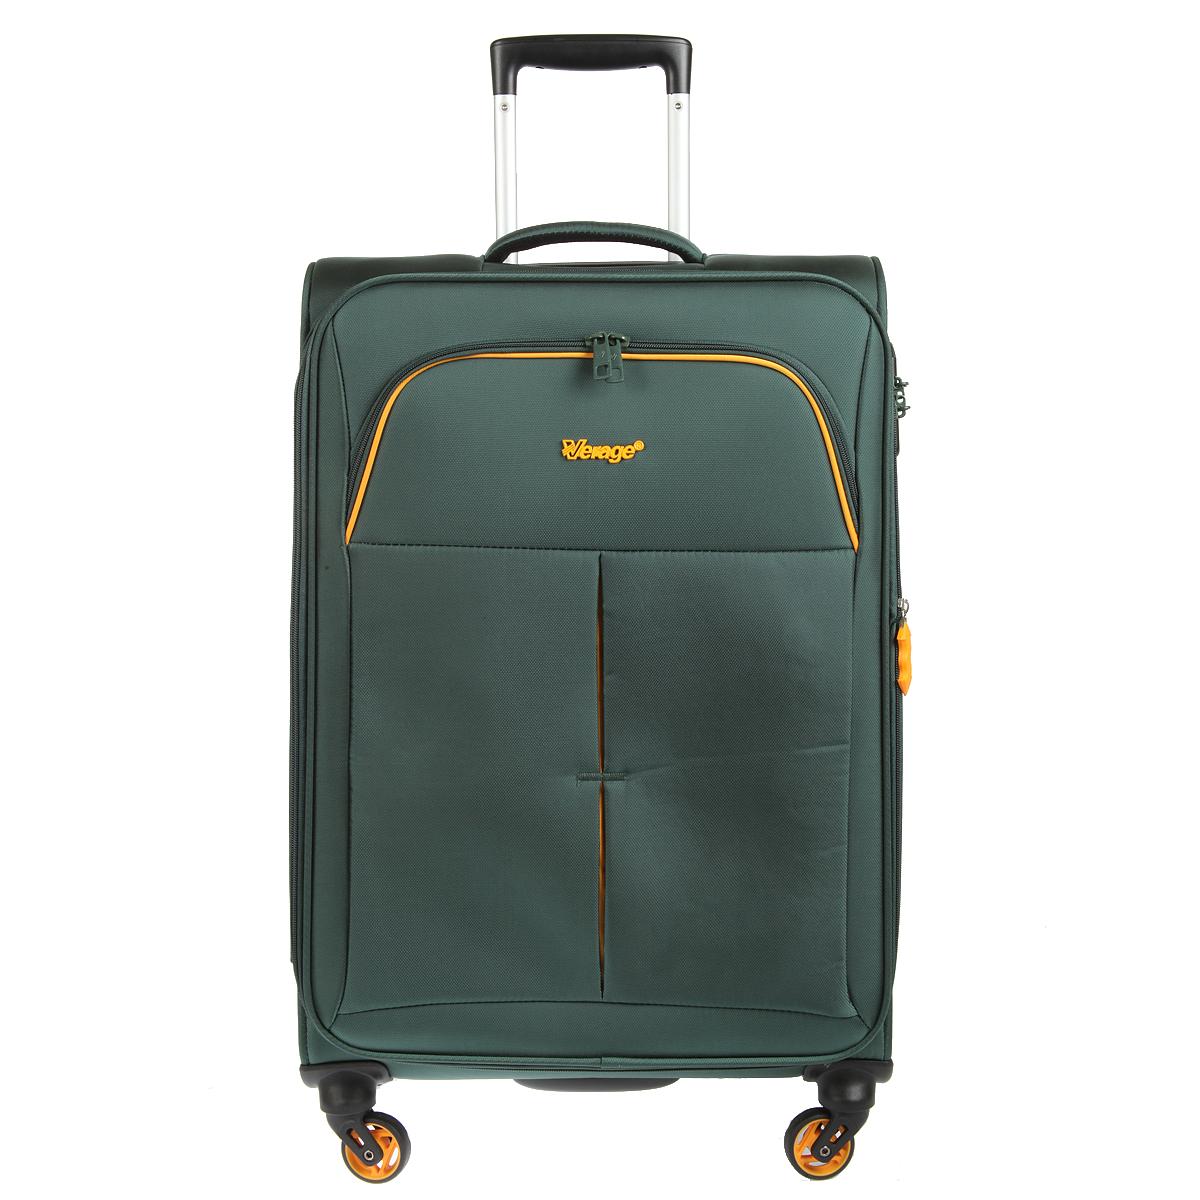 Чемодан-тележка Verage, цвет: темно-зеленый, 58 л. GM14040w 24GM14040w 24 dark greenЧемодан-тележка Verage оснащен четырьмя колесиками 360°, верхней мягкой ручкой. Закрывается по периметру на двухстороннюю молнию. Сбоку и сверху расположены ручки, обеспечивающие удобство транспортировки. Внутри один отдел для одежды и один сетчатый карман на молнии. Снаружи на передней стенке карман на молнии. Возможность увеличения чемодана на 20% (за счет молнии). Встроенный кодовый замок с функцией TSA Также имеется выдвижная ручка, максимальная высота 47 см.